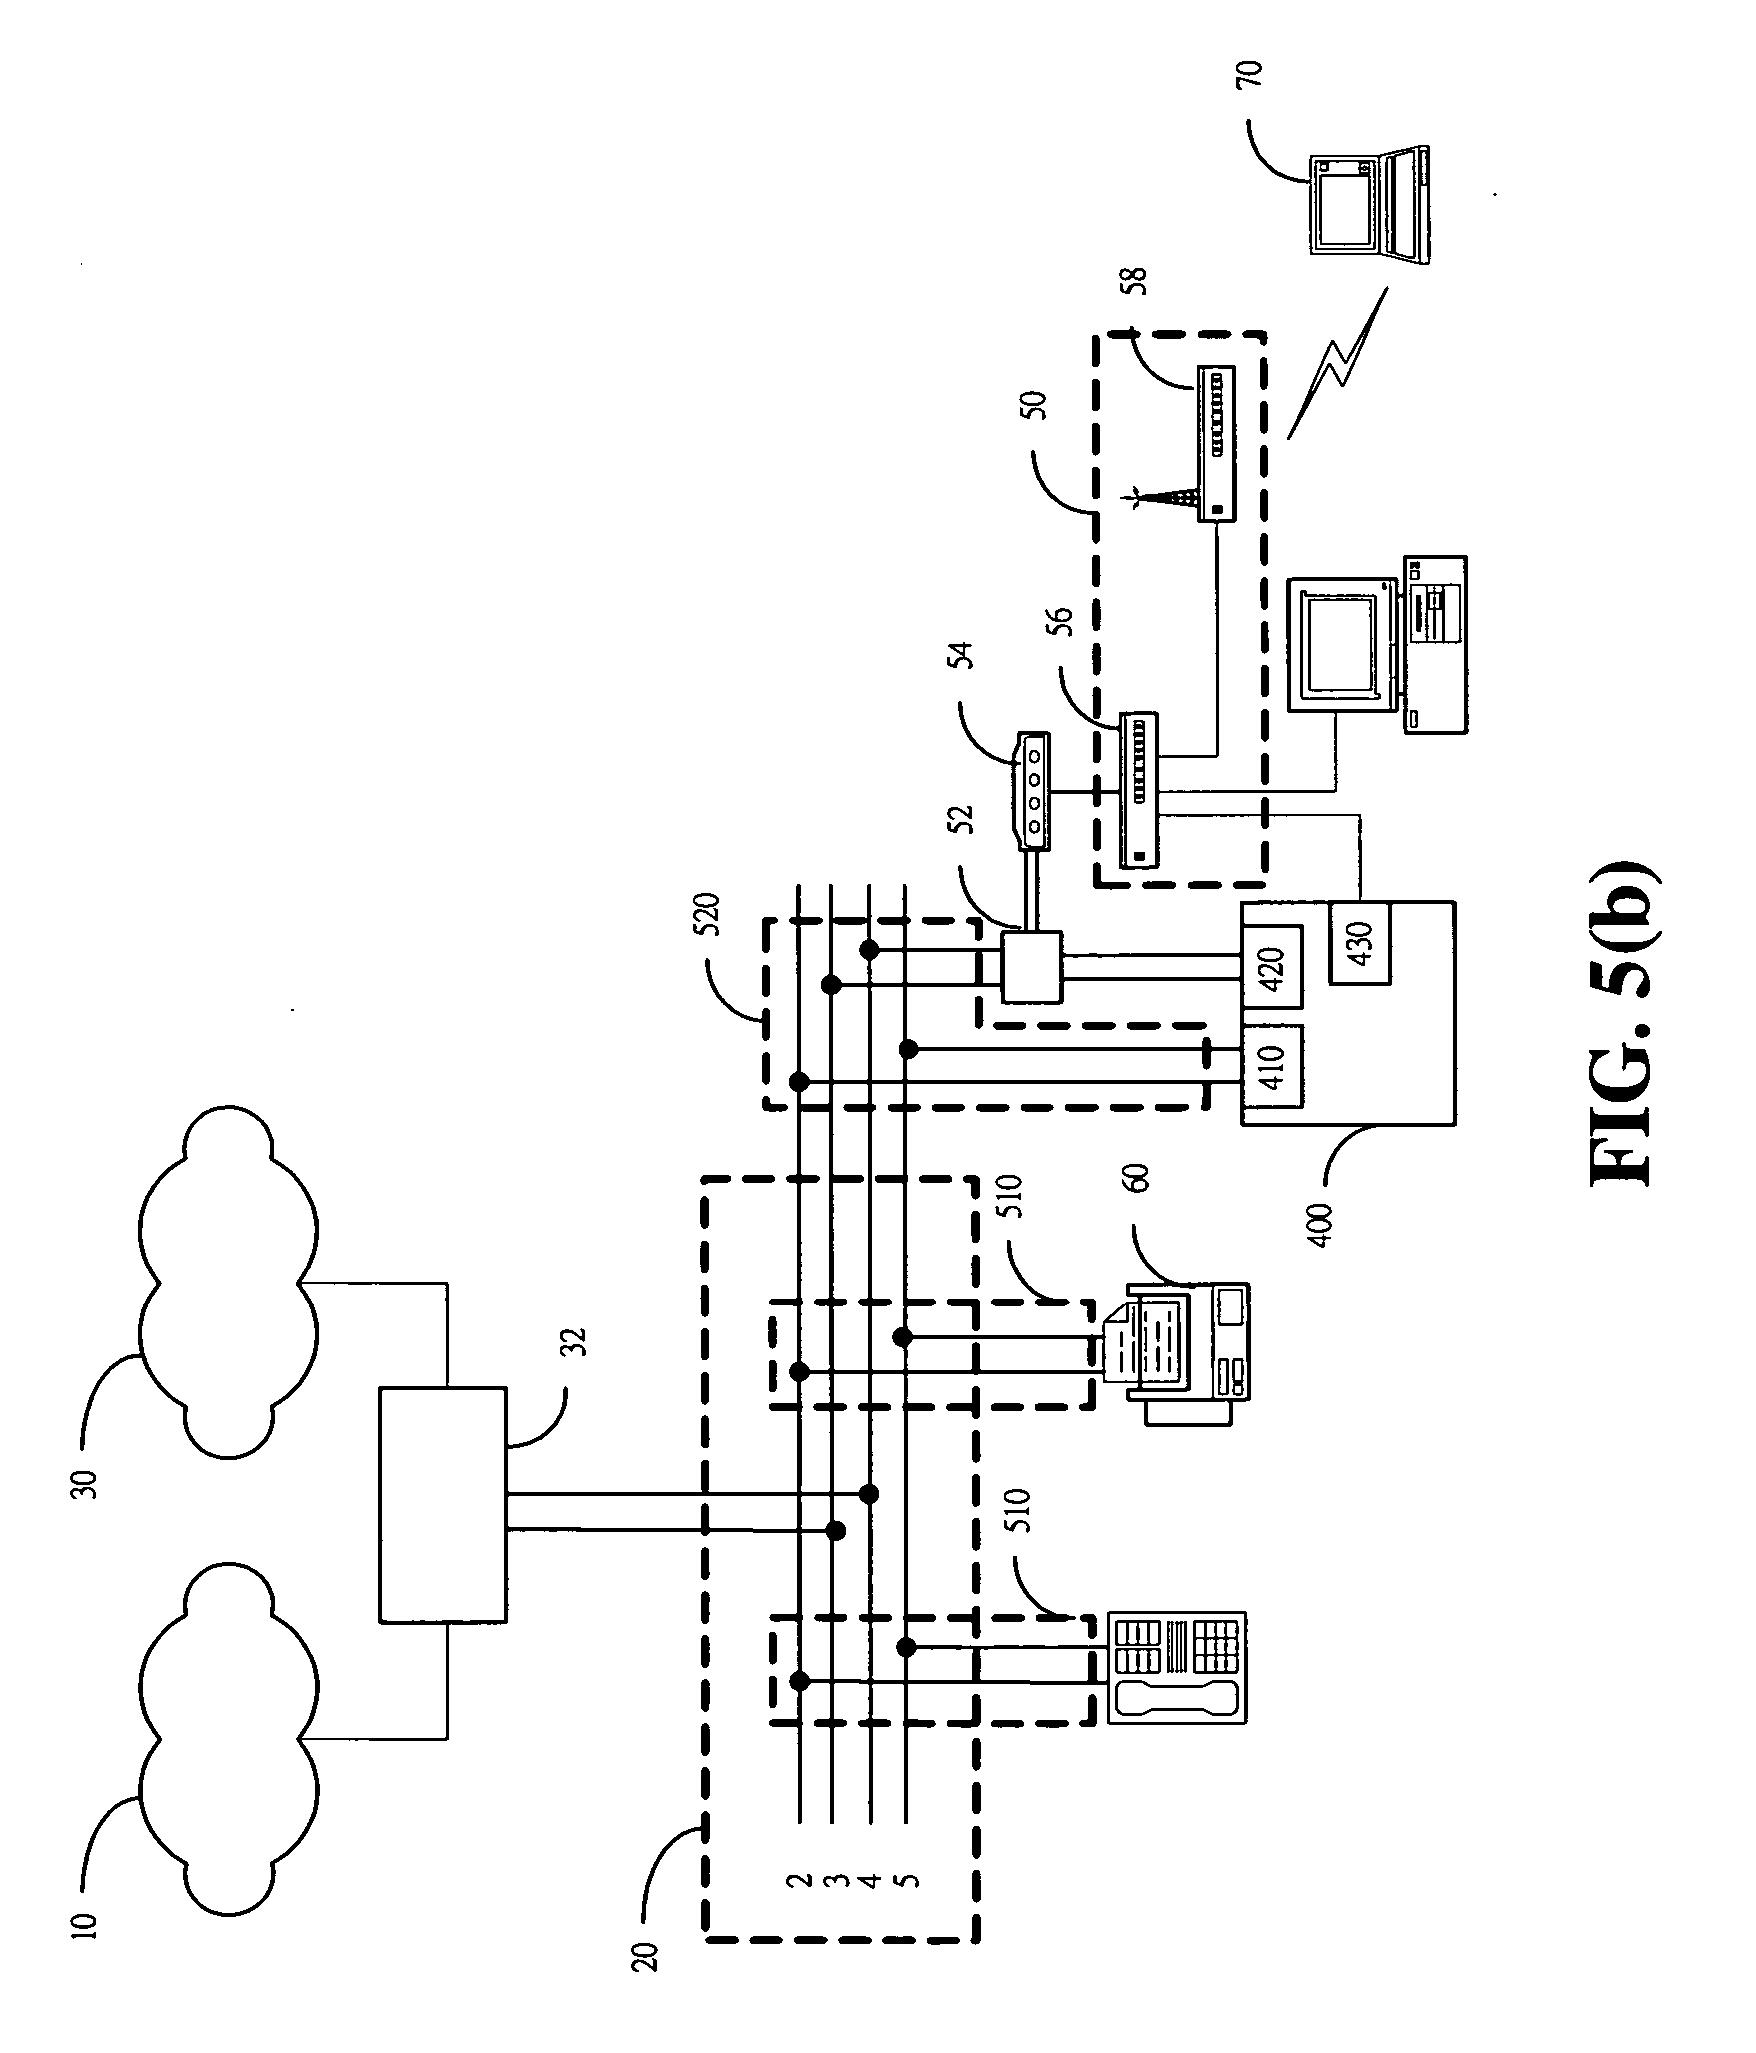 patent us20060140178